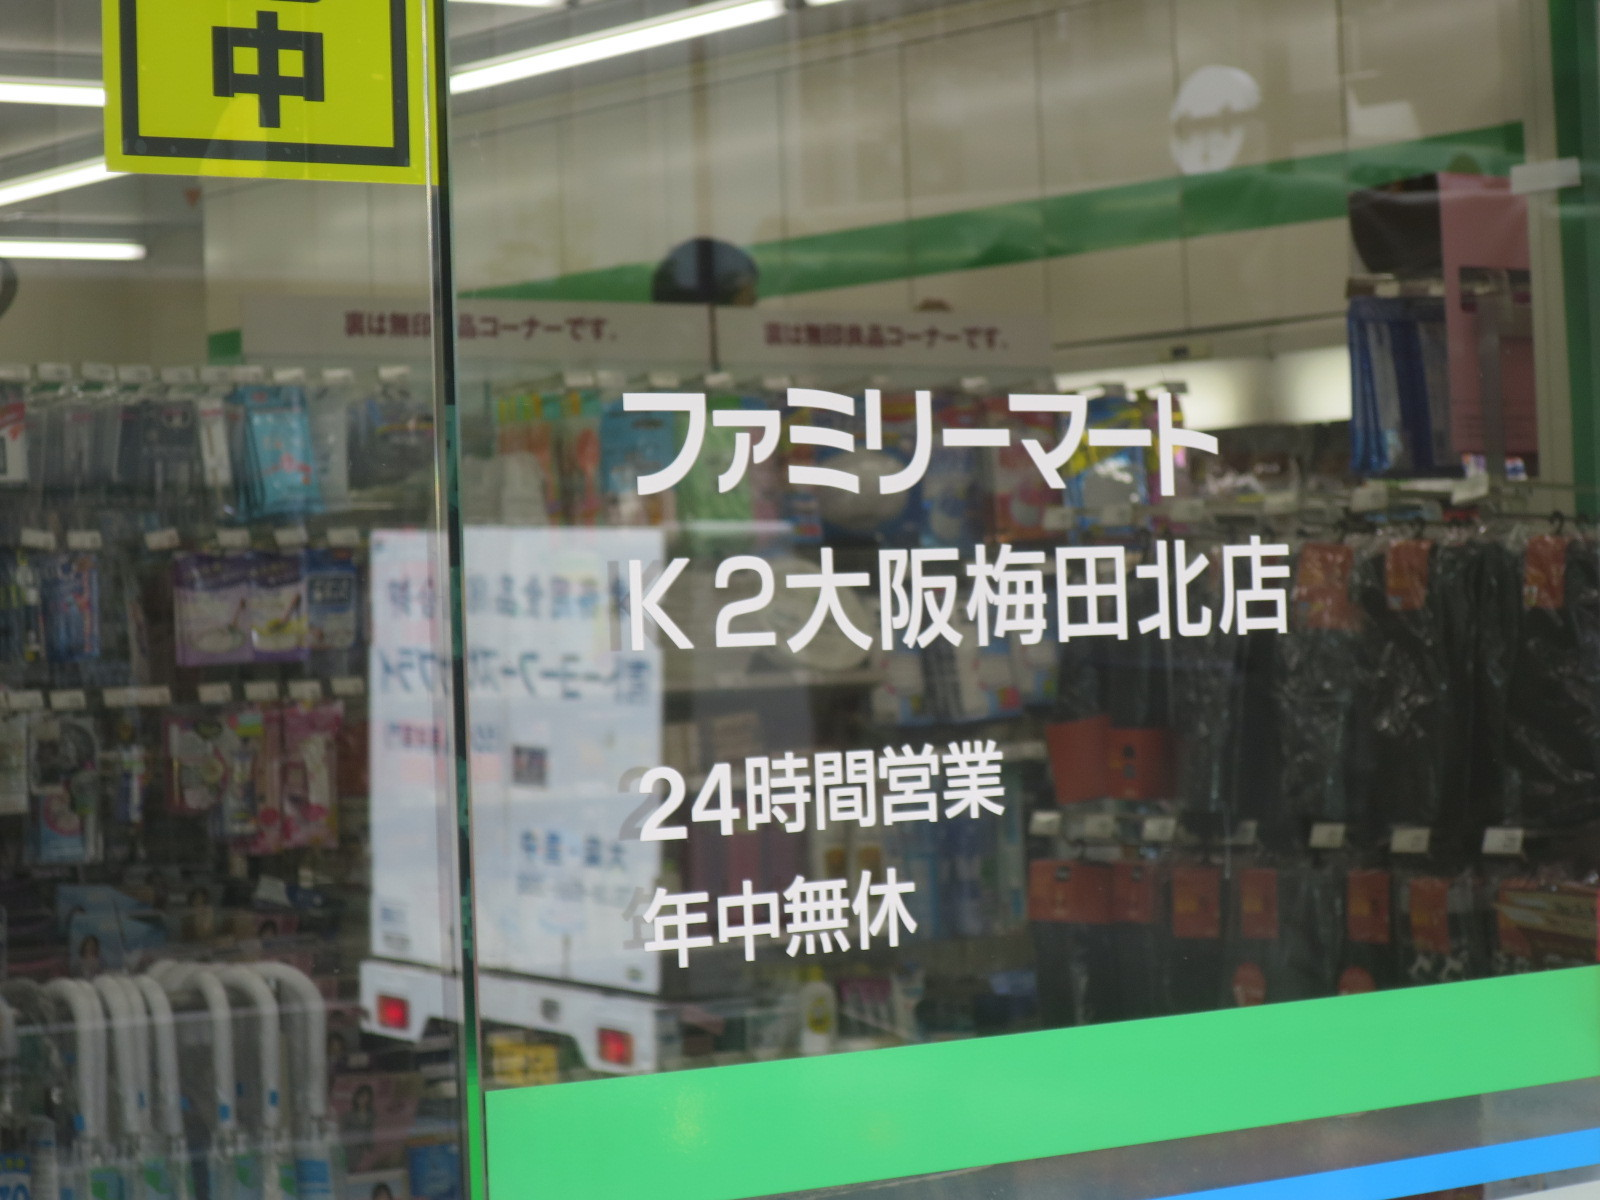 ファミリーマート K2大阪梅田北店